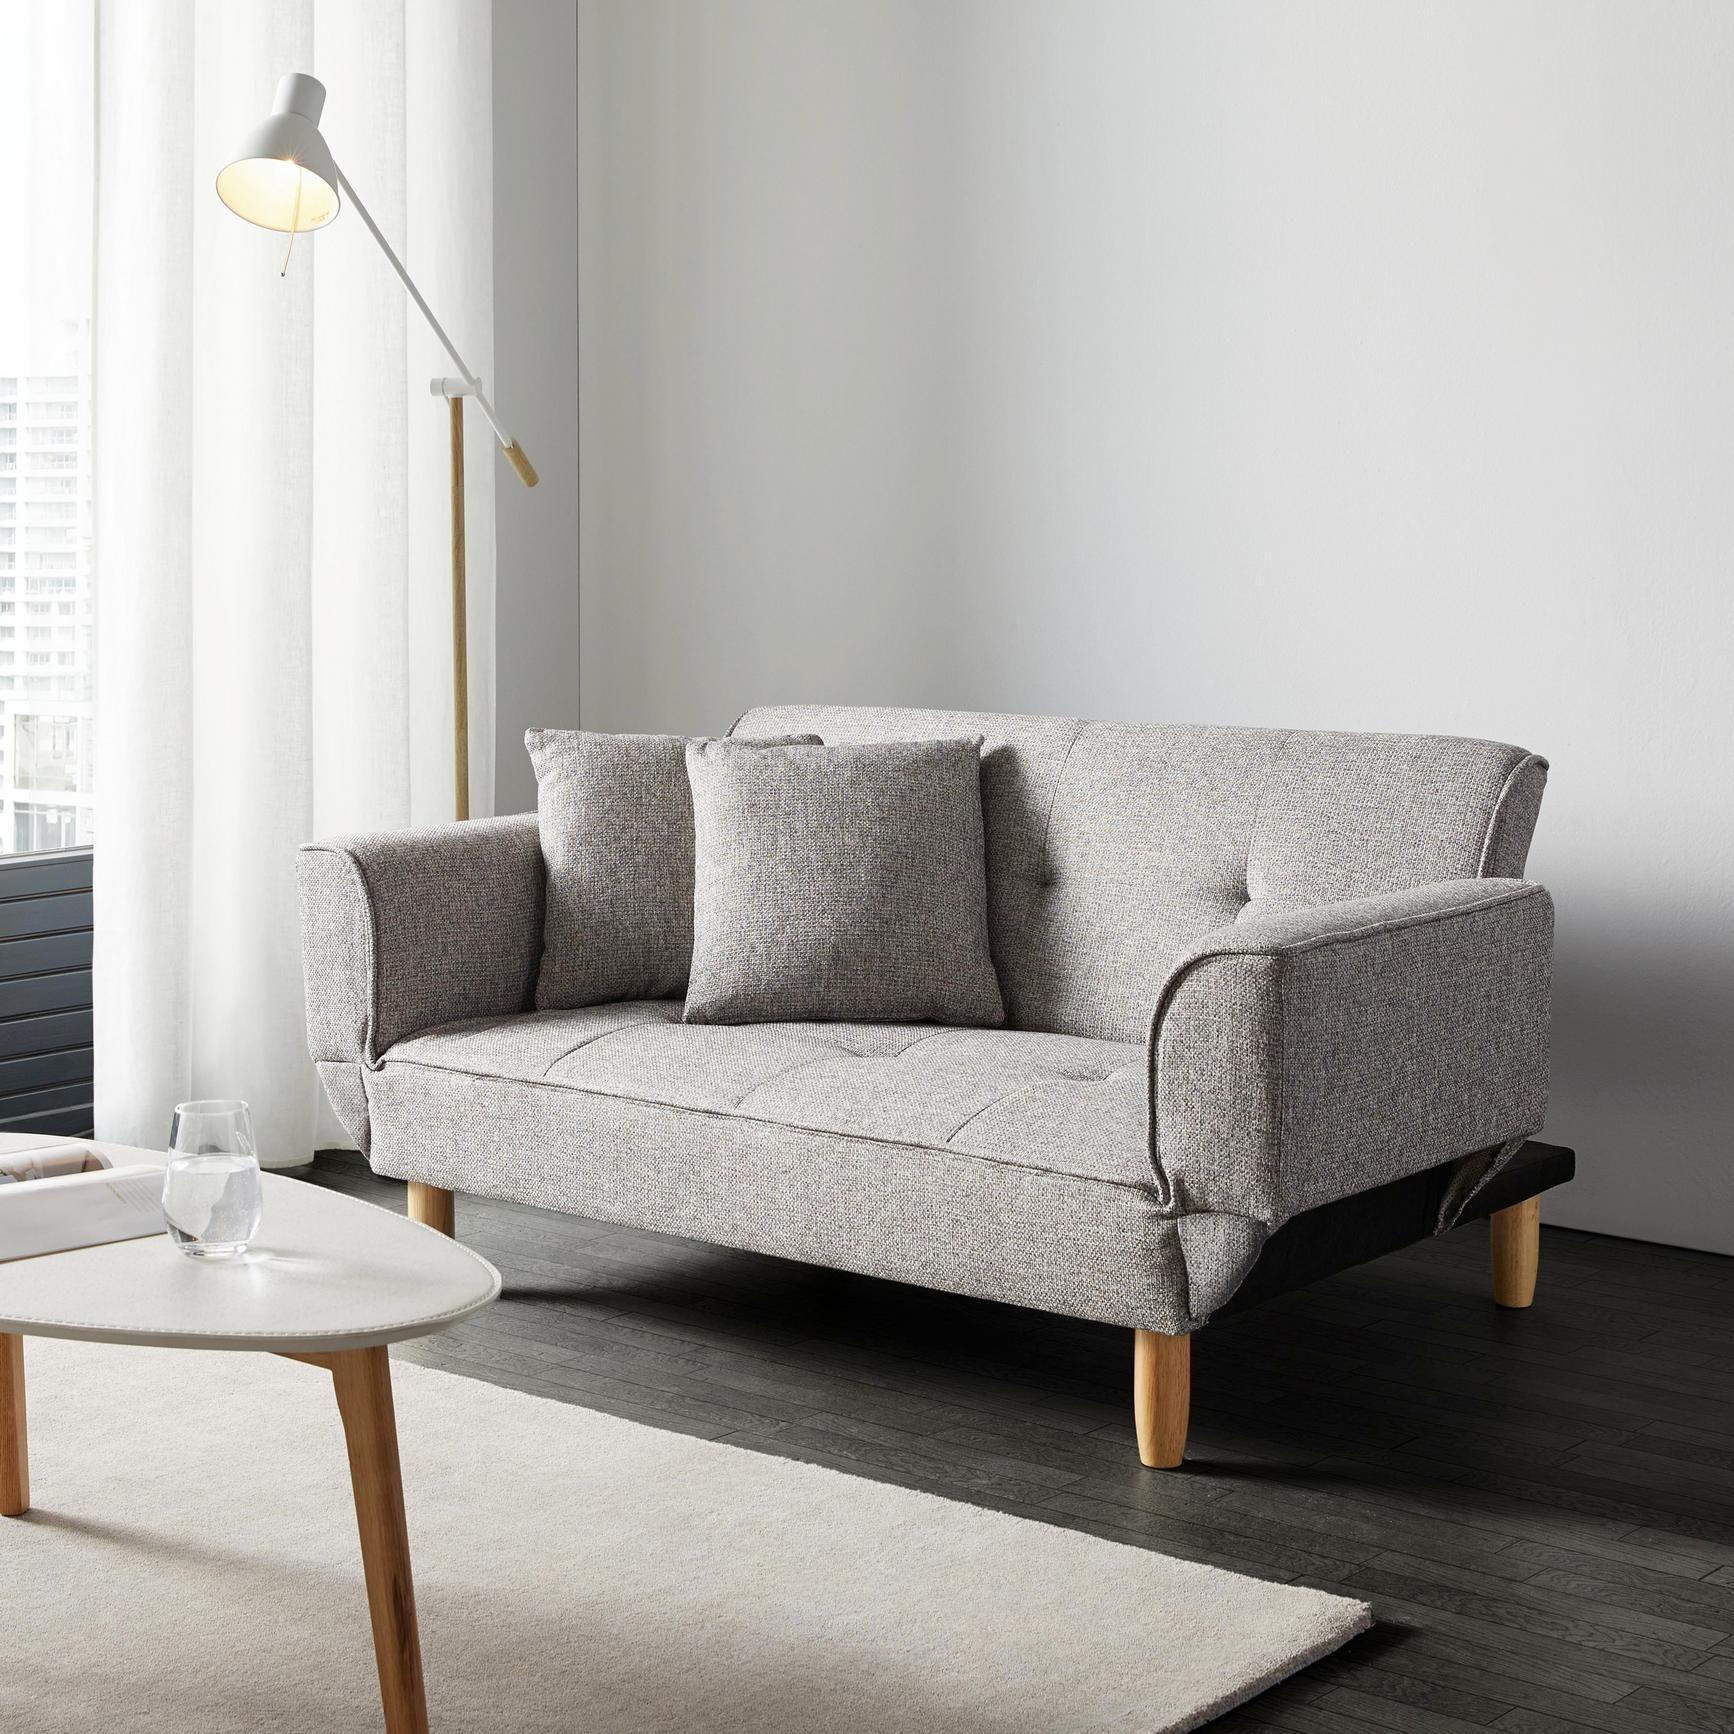 Mömax Kissen.Sofa Miriam Mit Schlaffunktion Inkl Kissen In 2019 House